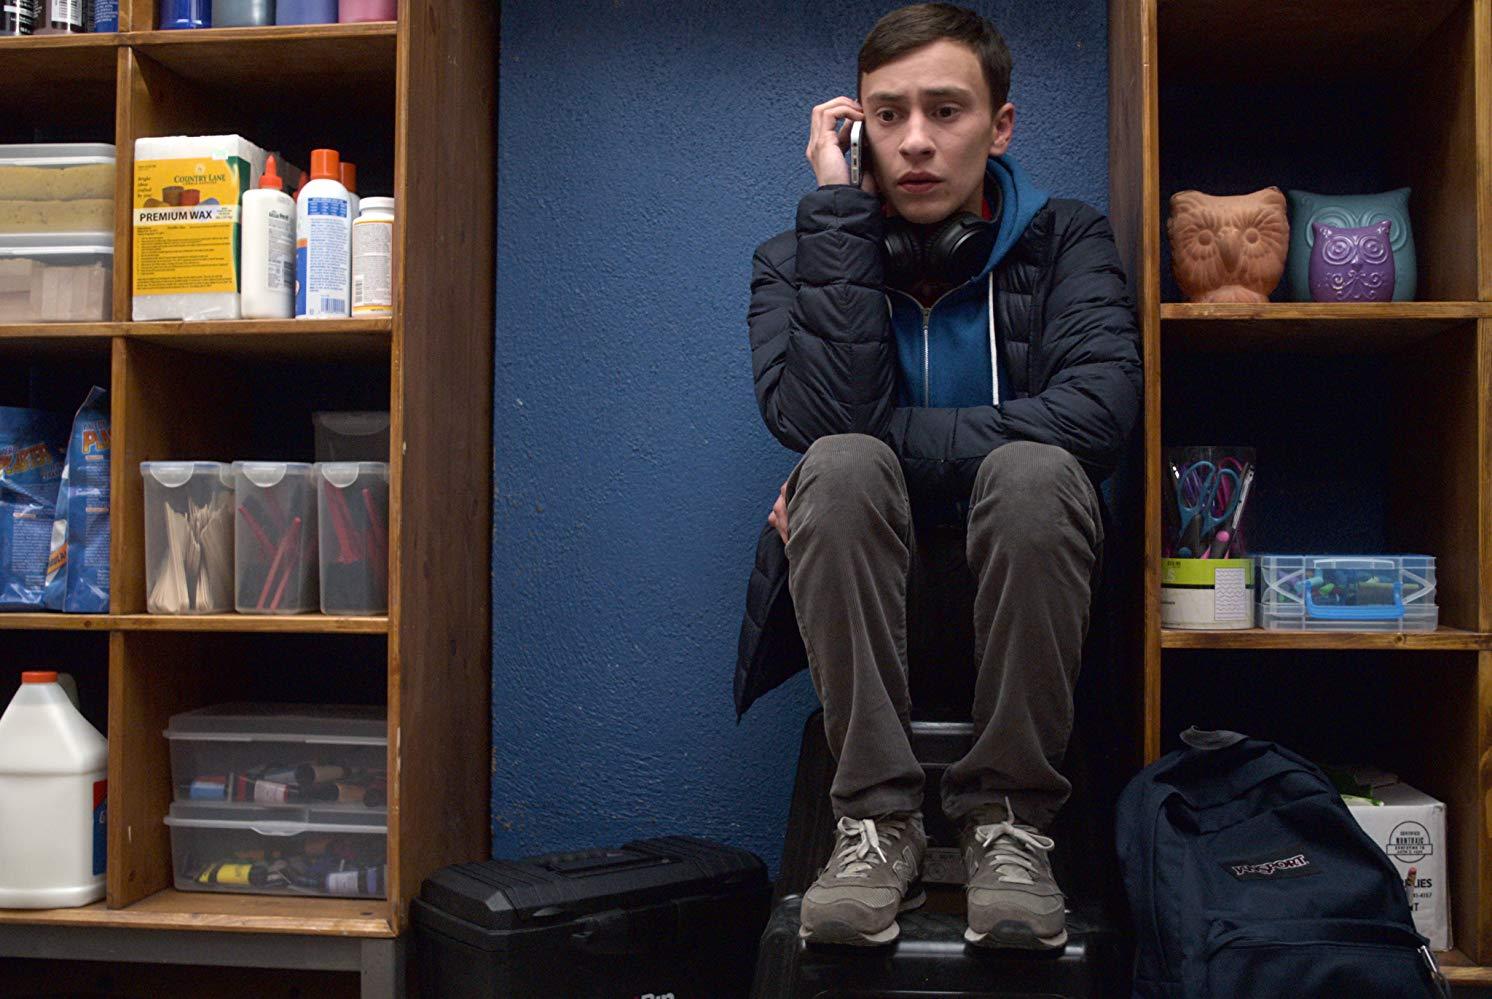 Atypical | Netflix confirma que 4ª temporada será a última da série